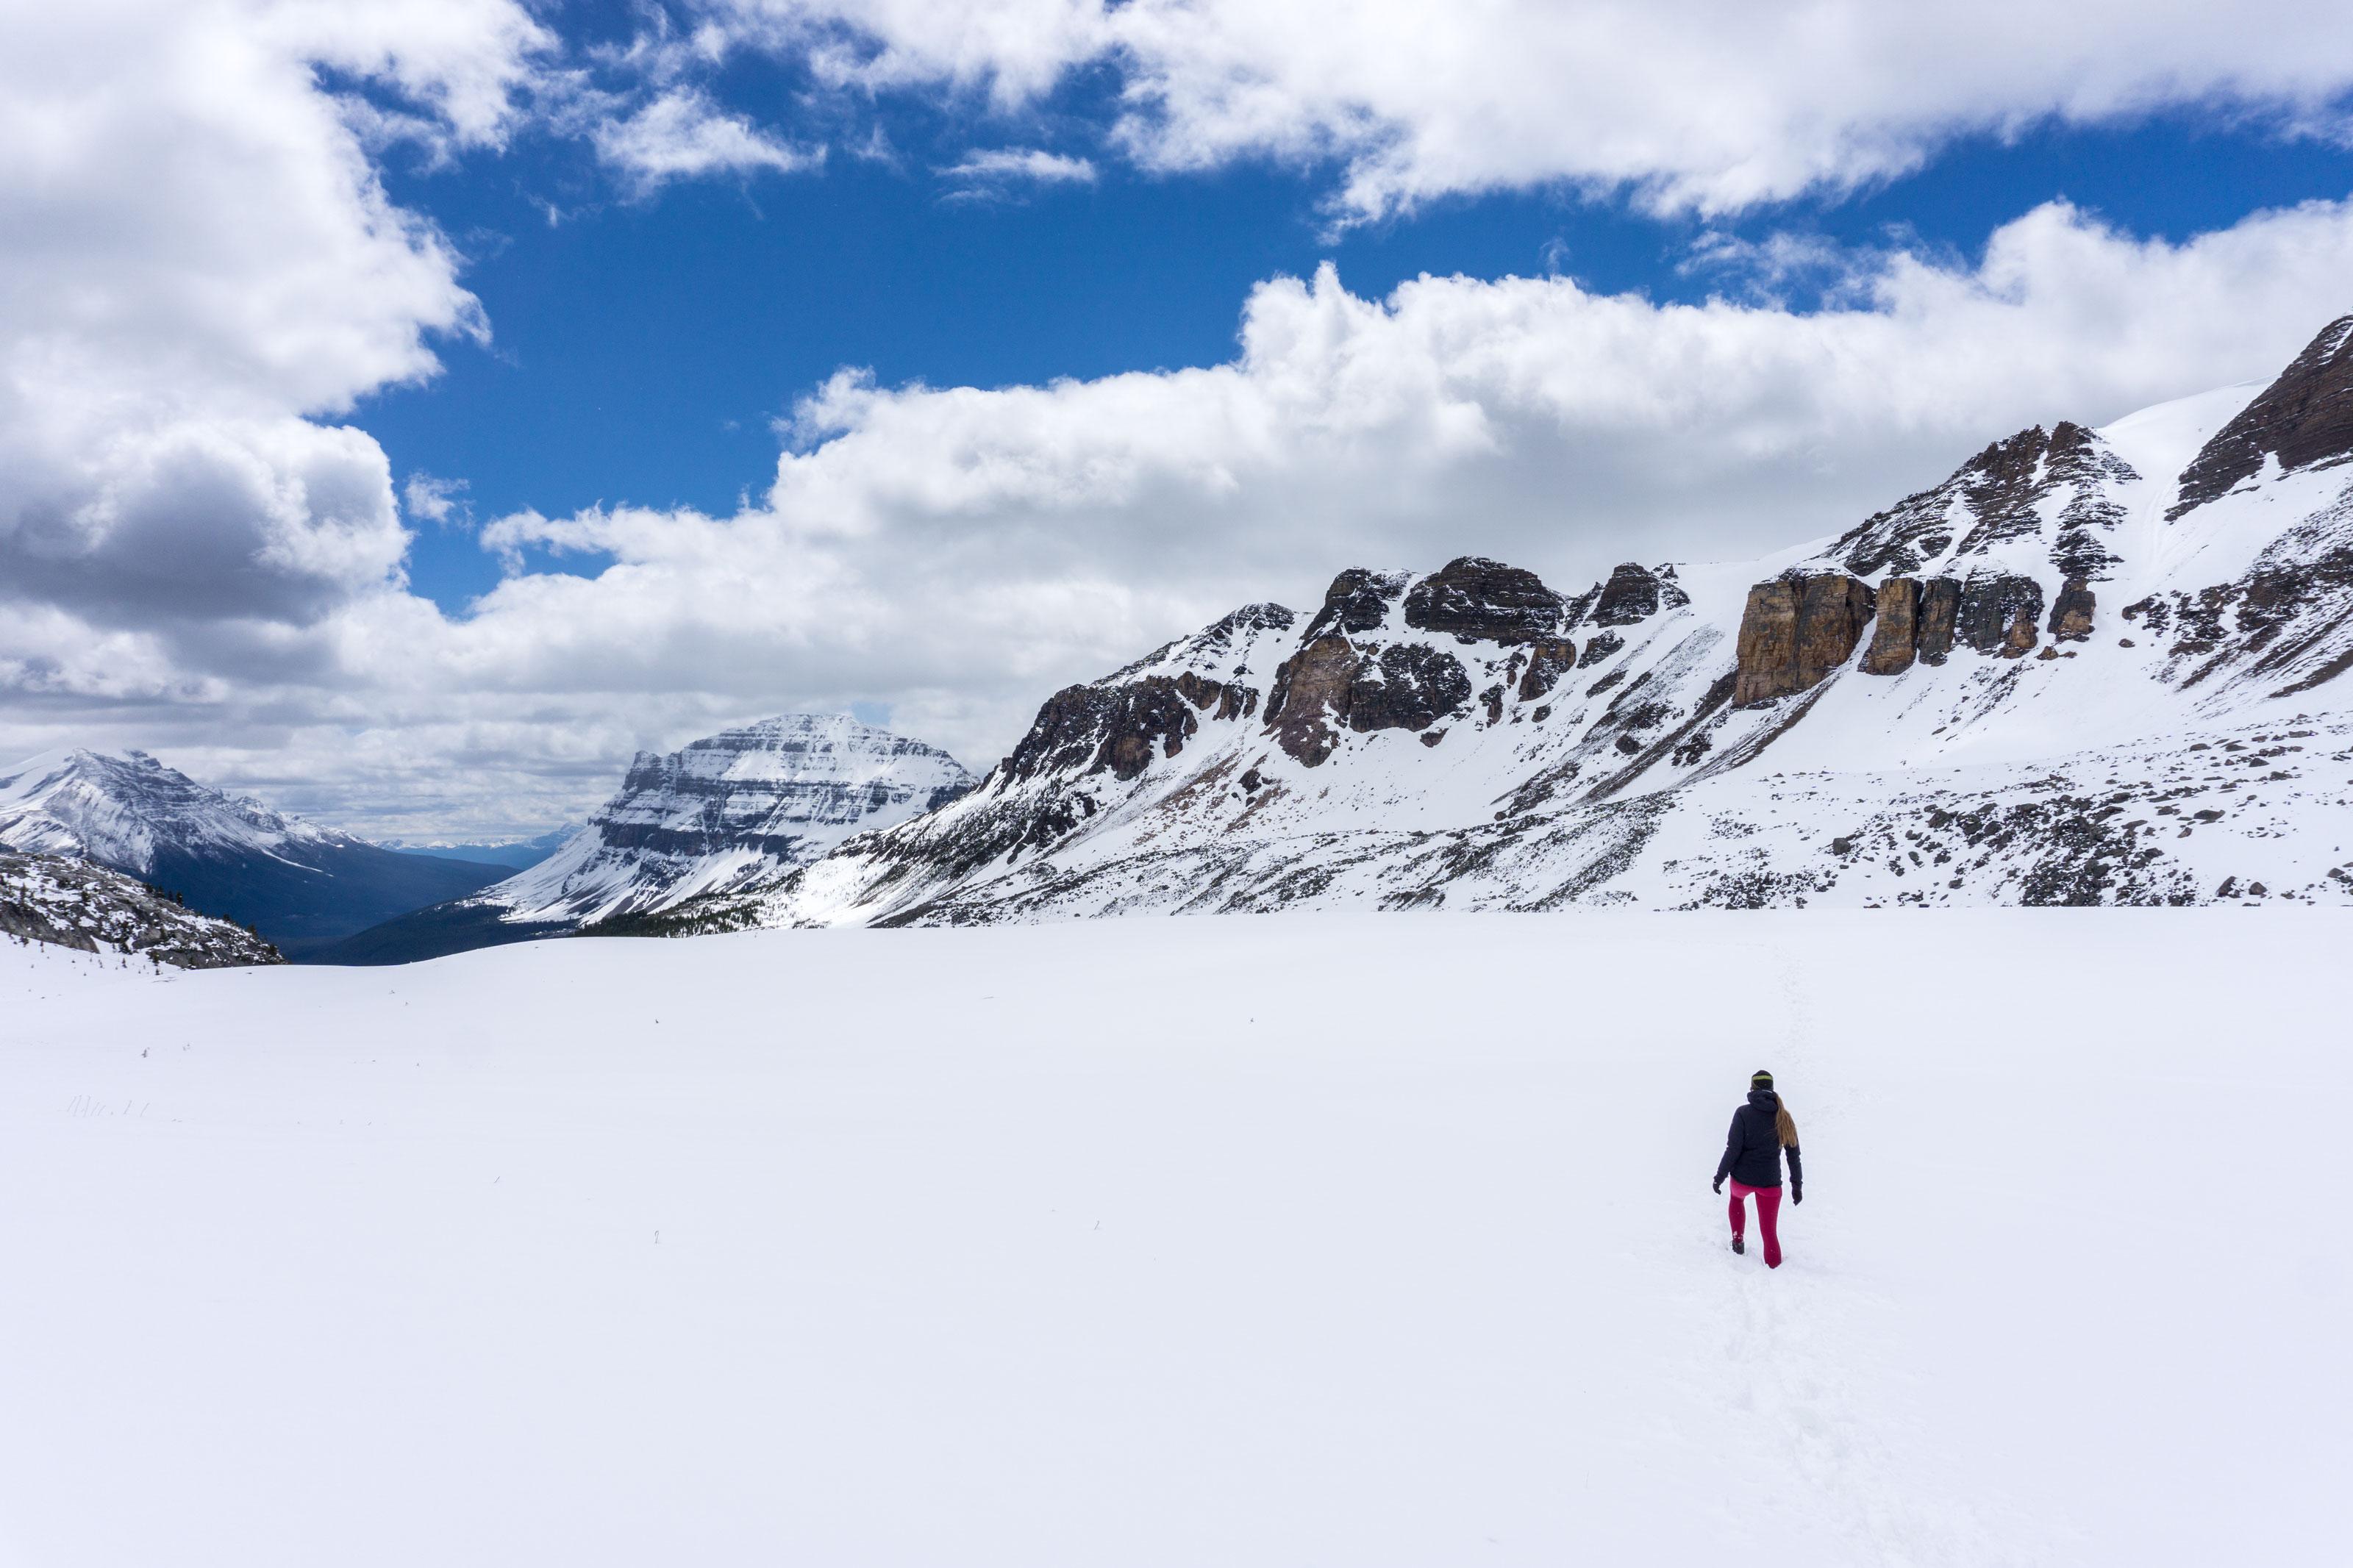 Po koule ve sněhu k Helen Lake a procházka kolem Bow Lake